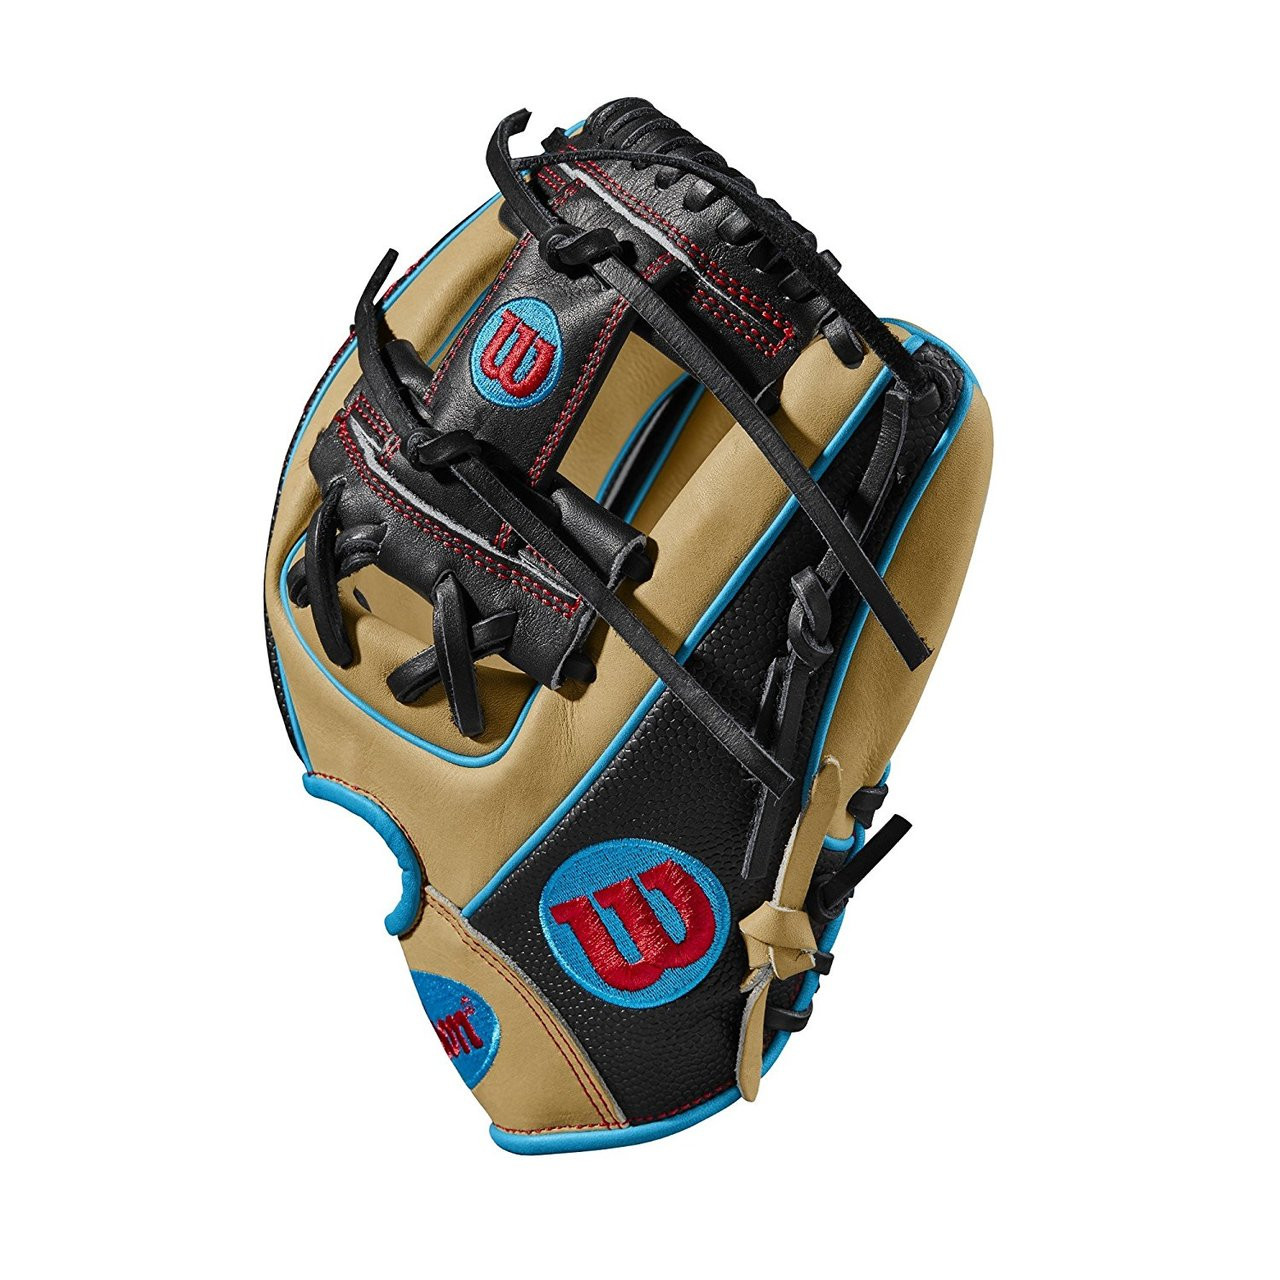 Wilson 2018 A2000 Dp15 SS Infield Baseball Glove 11 5 Right Hand Throw